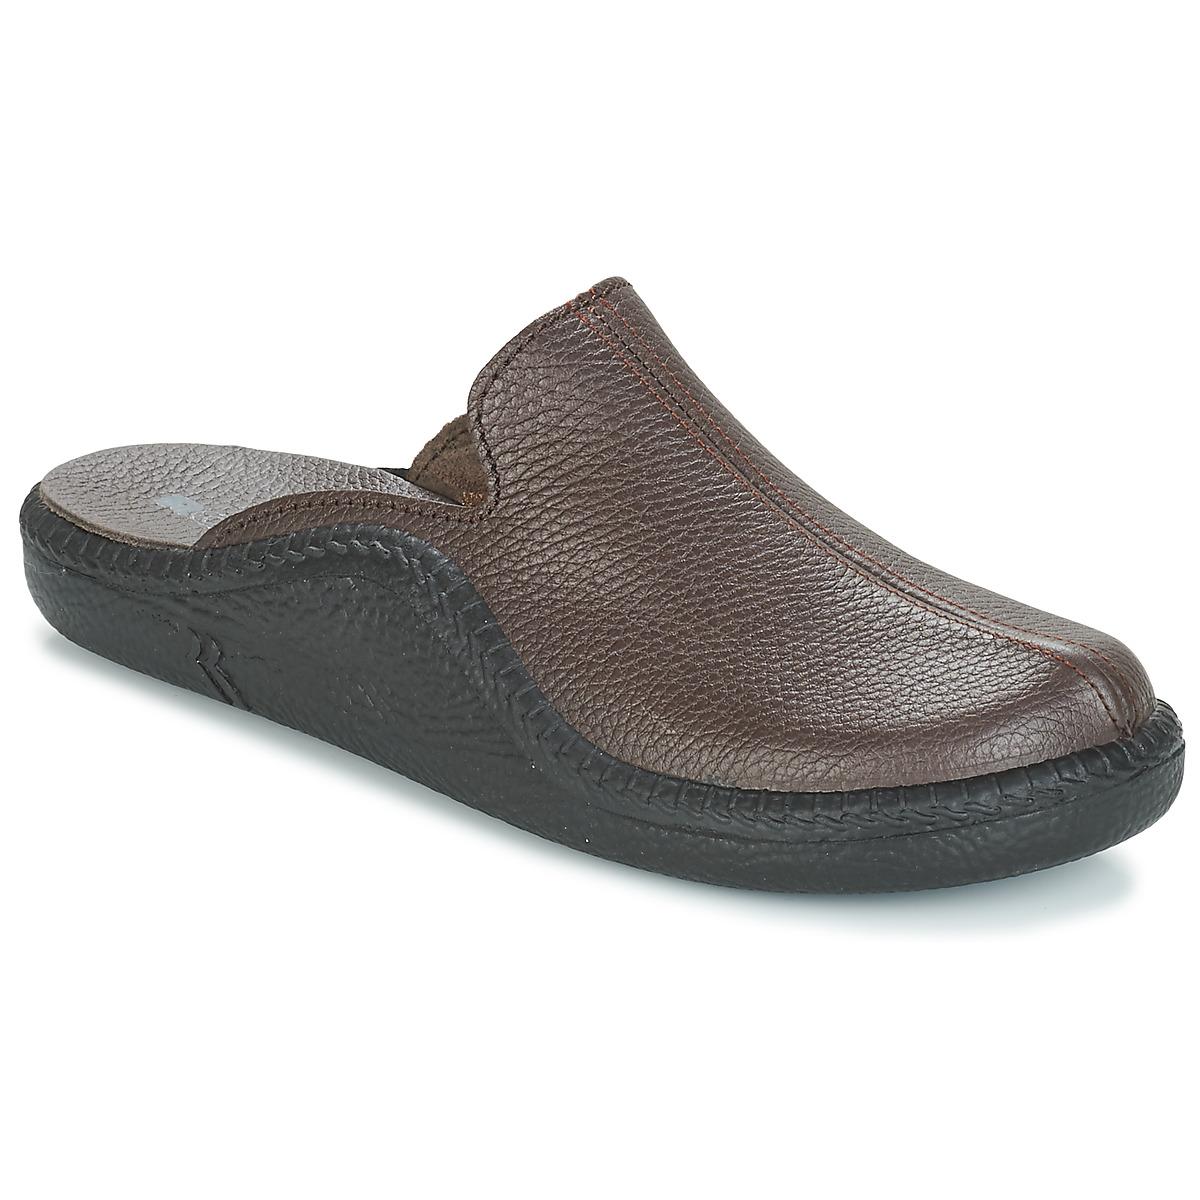 Romika PRASIDENT 88 Noir - Livraison Gratuite avec - Chaussures Chaussons Homme